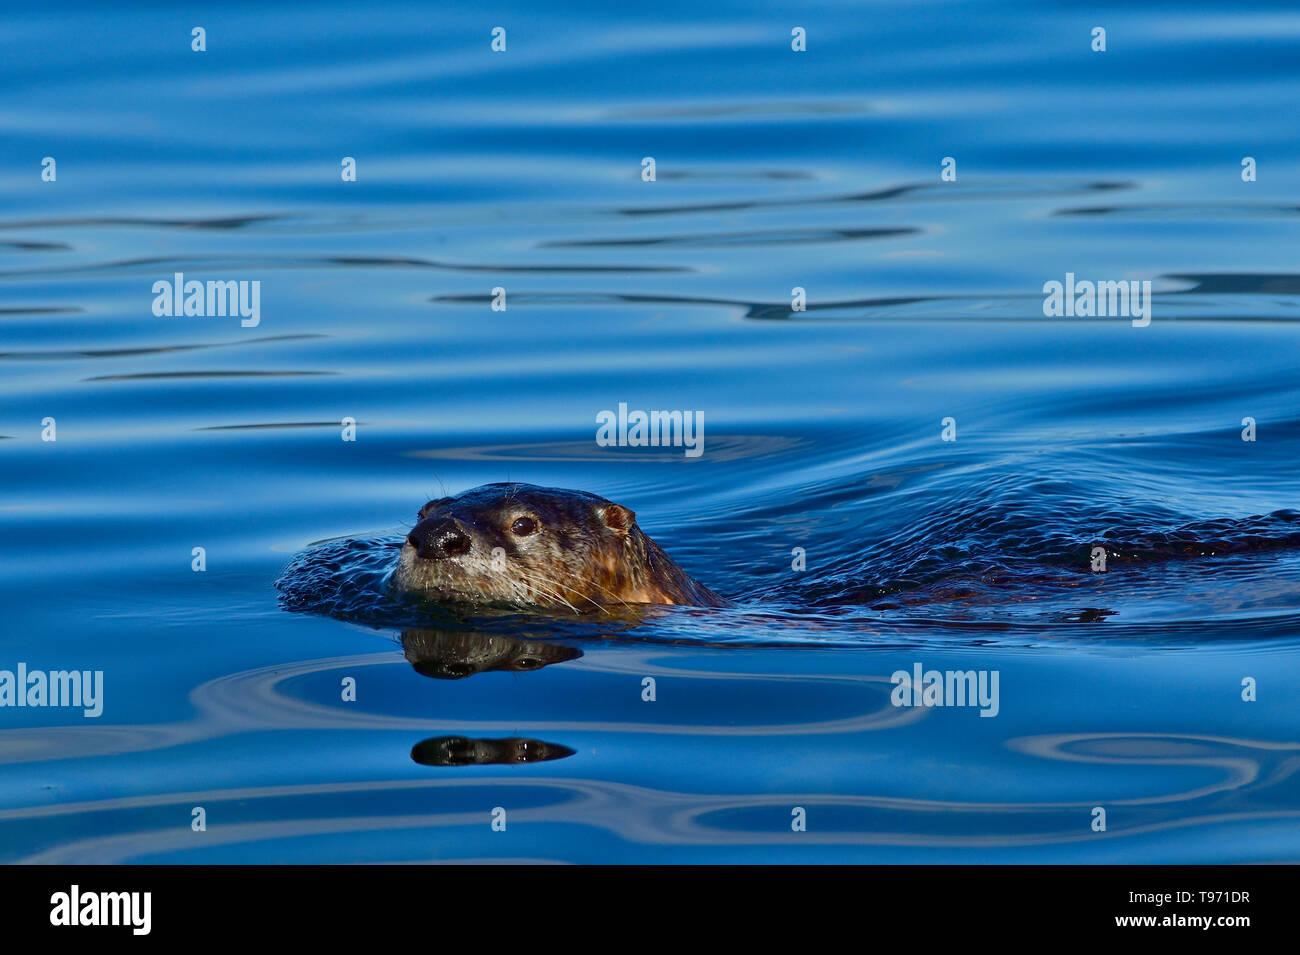 Une loutre de rivière 'Lutra canadensis', la natation dans les eaux bleues de la Stewart Channel au large de la côte de l'île de Vancouver, British Columbia Canada Banque D'Images